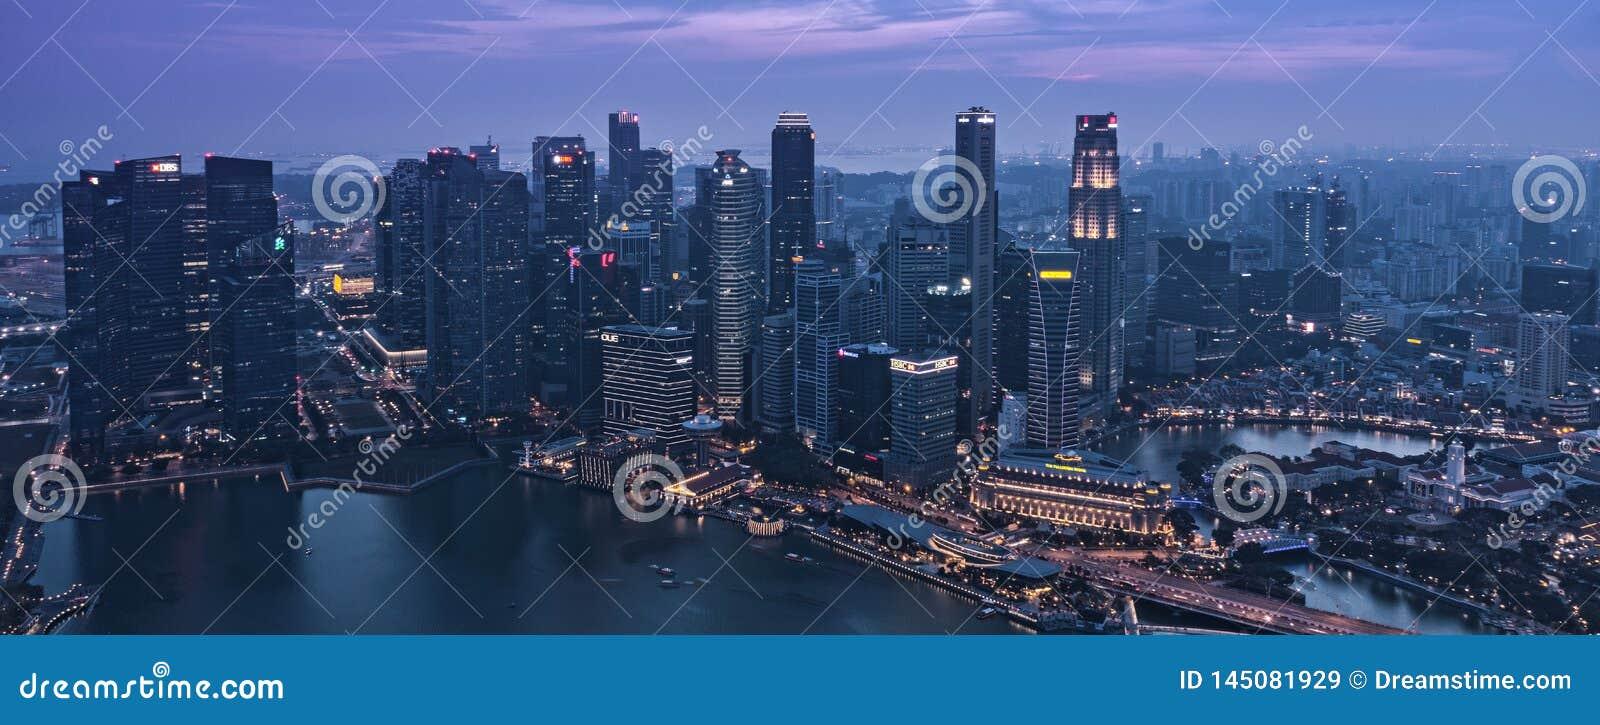 Dämmerung in Singapur im Stadtzentrum gelegenes CBD Marina Bay Skyscrapers - Wecken der Nacht